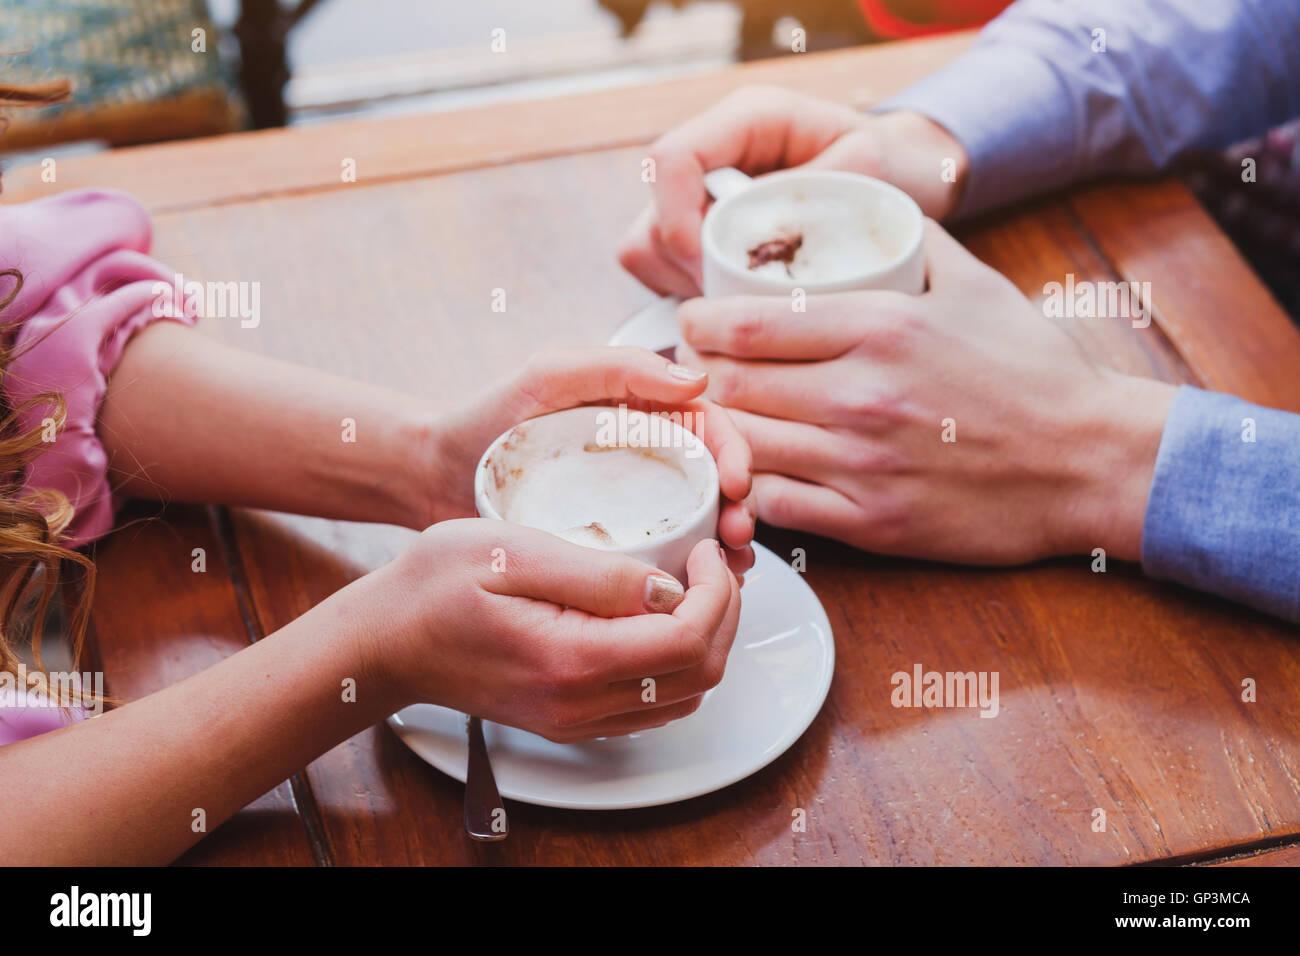 Les gens de boire du café en café, gros plan de la main de deux tasses Banque D'Images